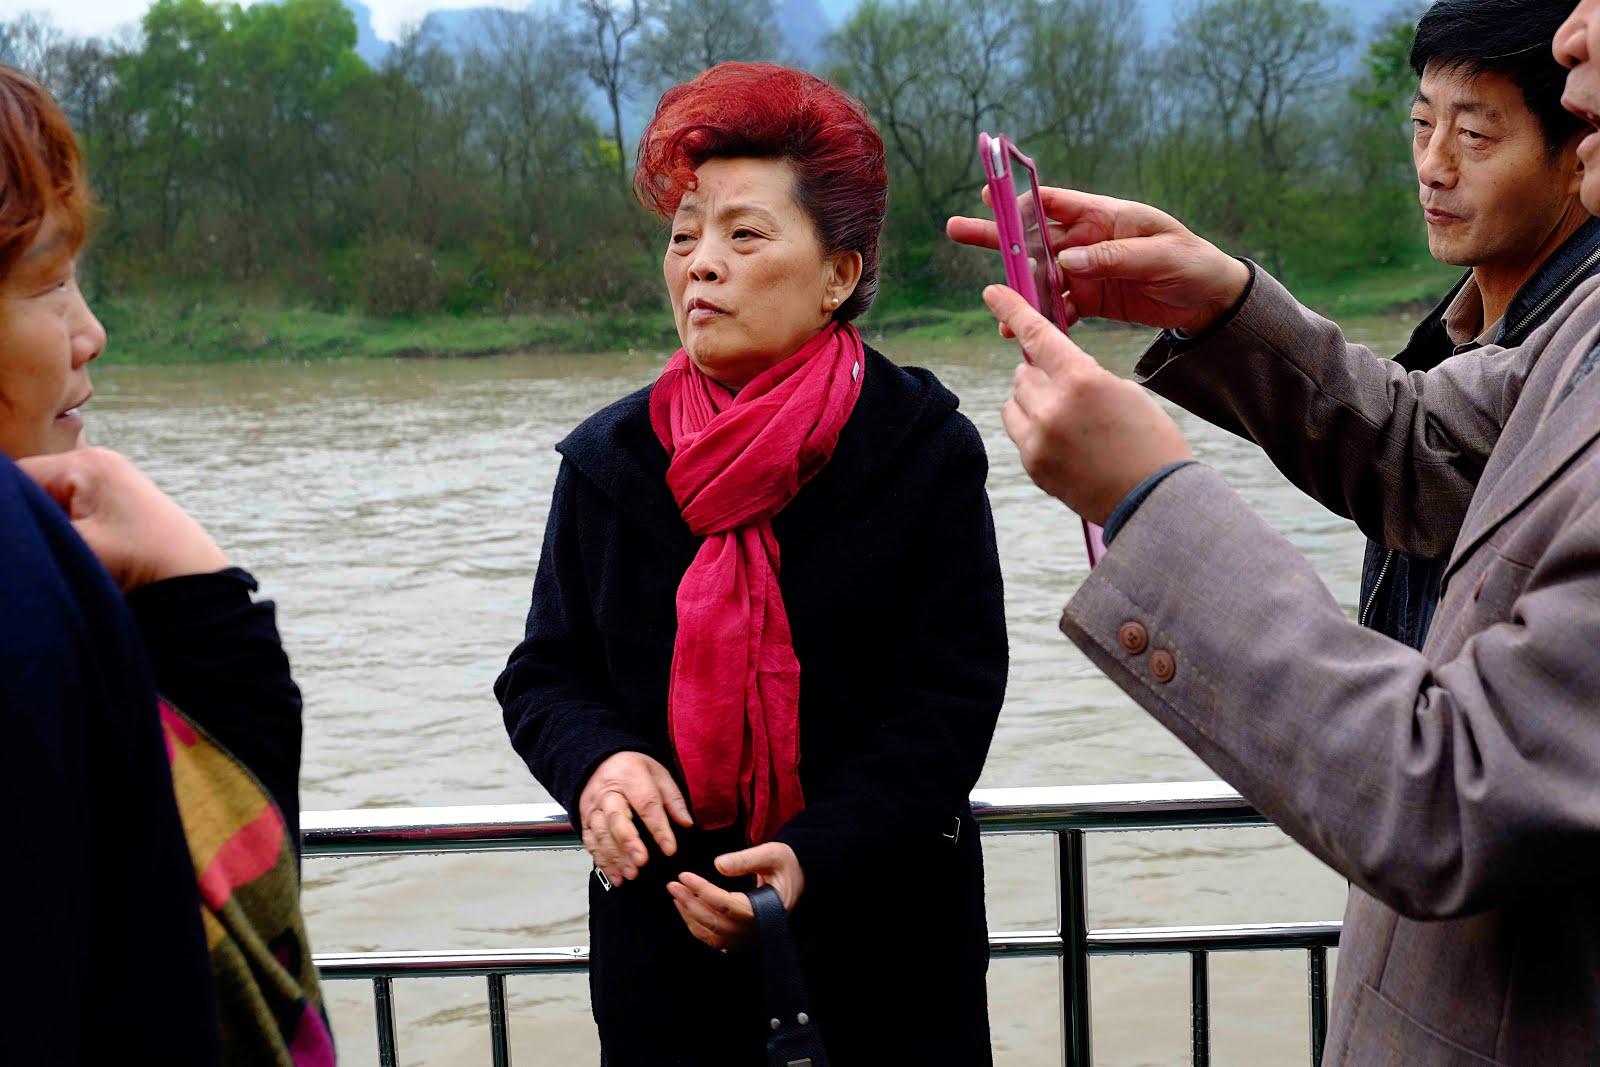 La femme aux cheveux rouges - Rivière Lijang